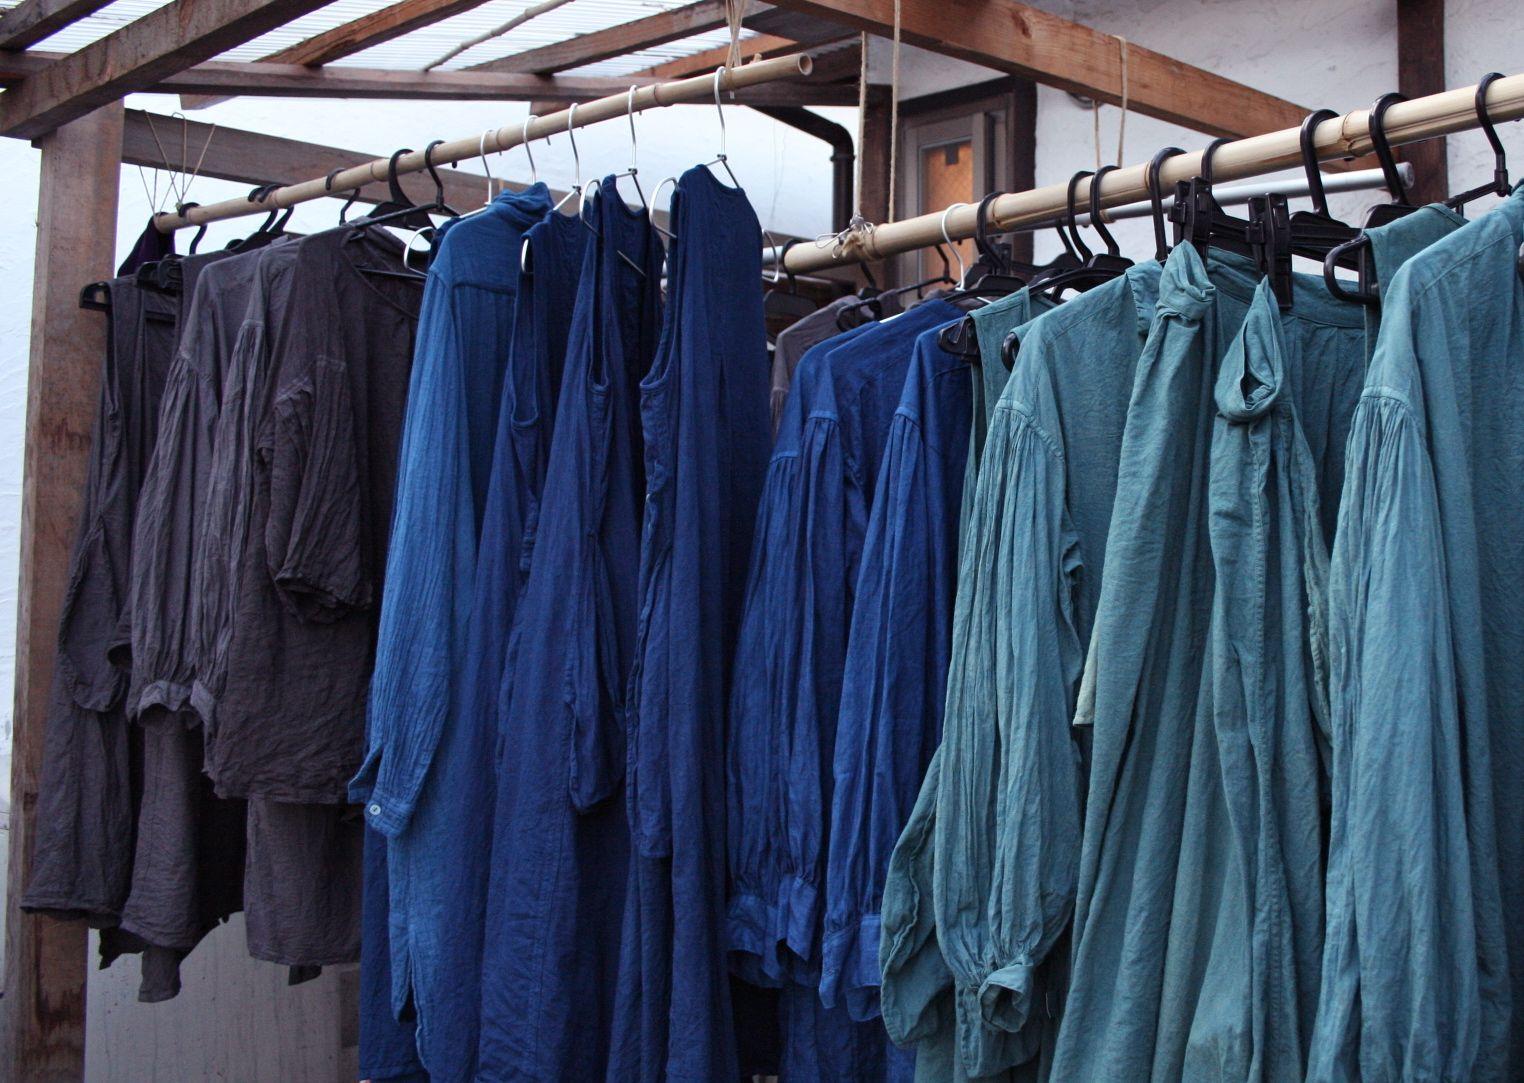 草木染め 藍やザクロで染めたリネンの服 干しているところ indigo dyed clothes drying in the garden